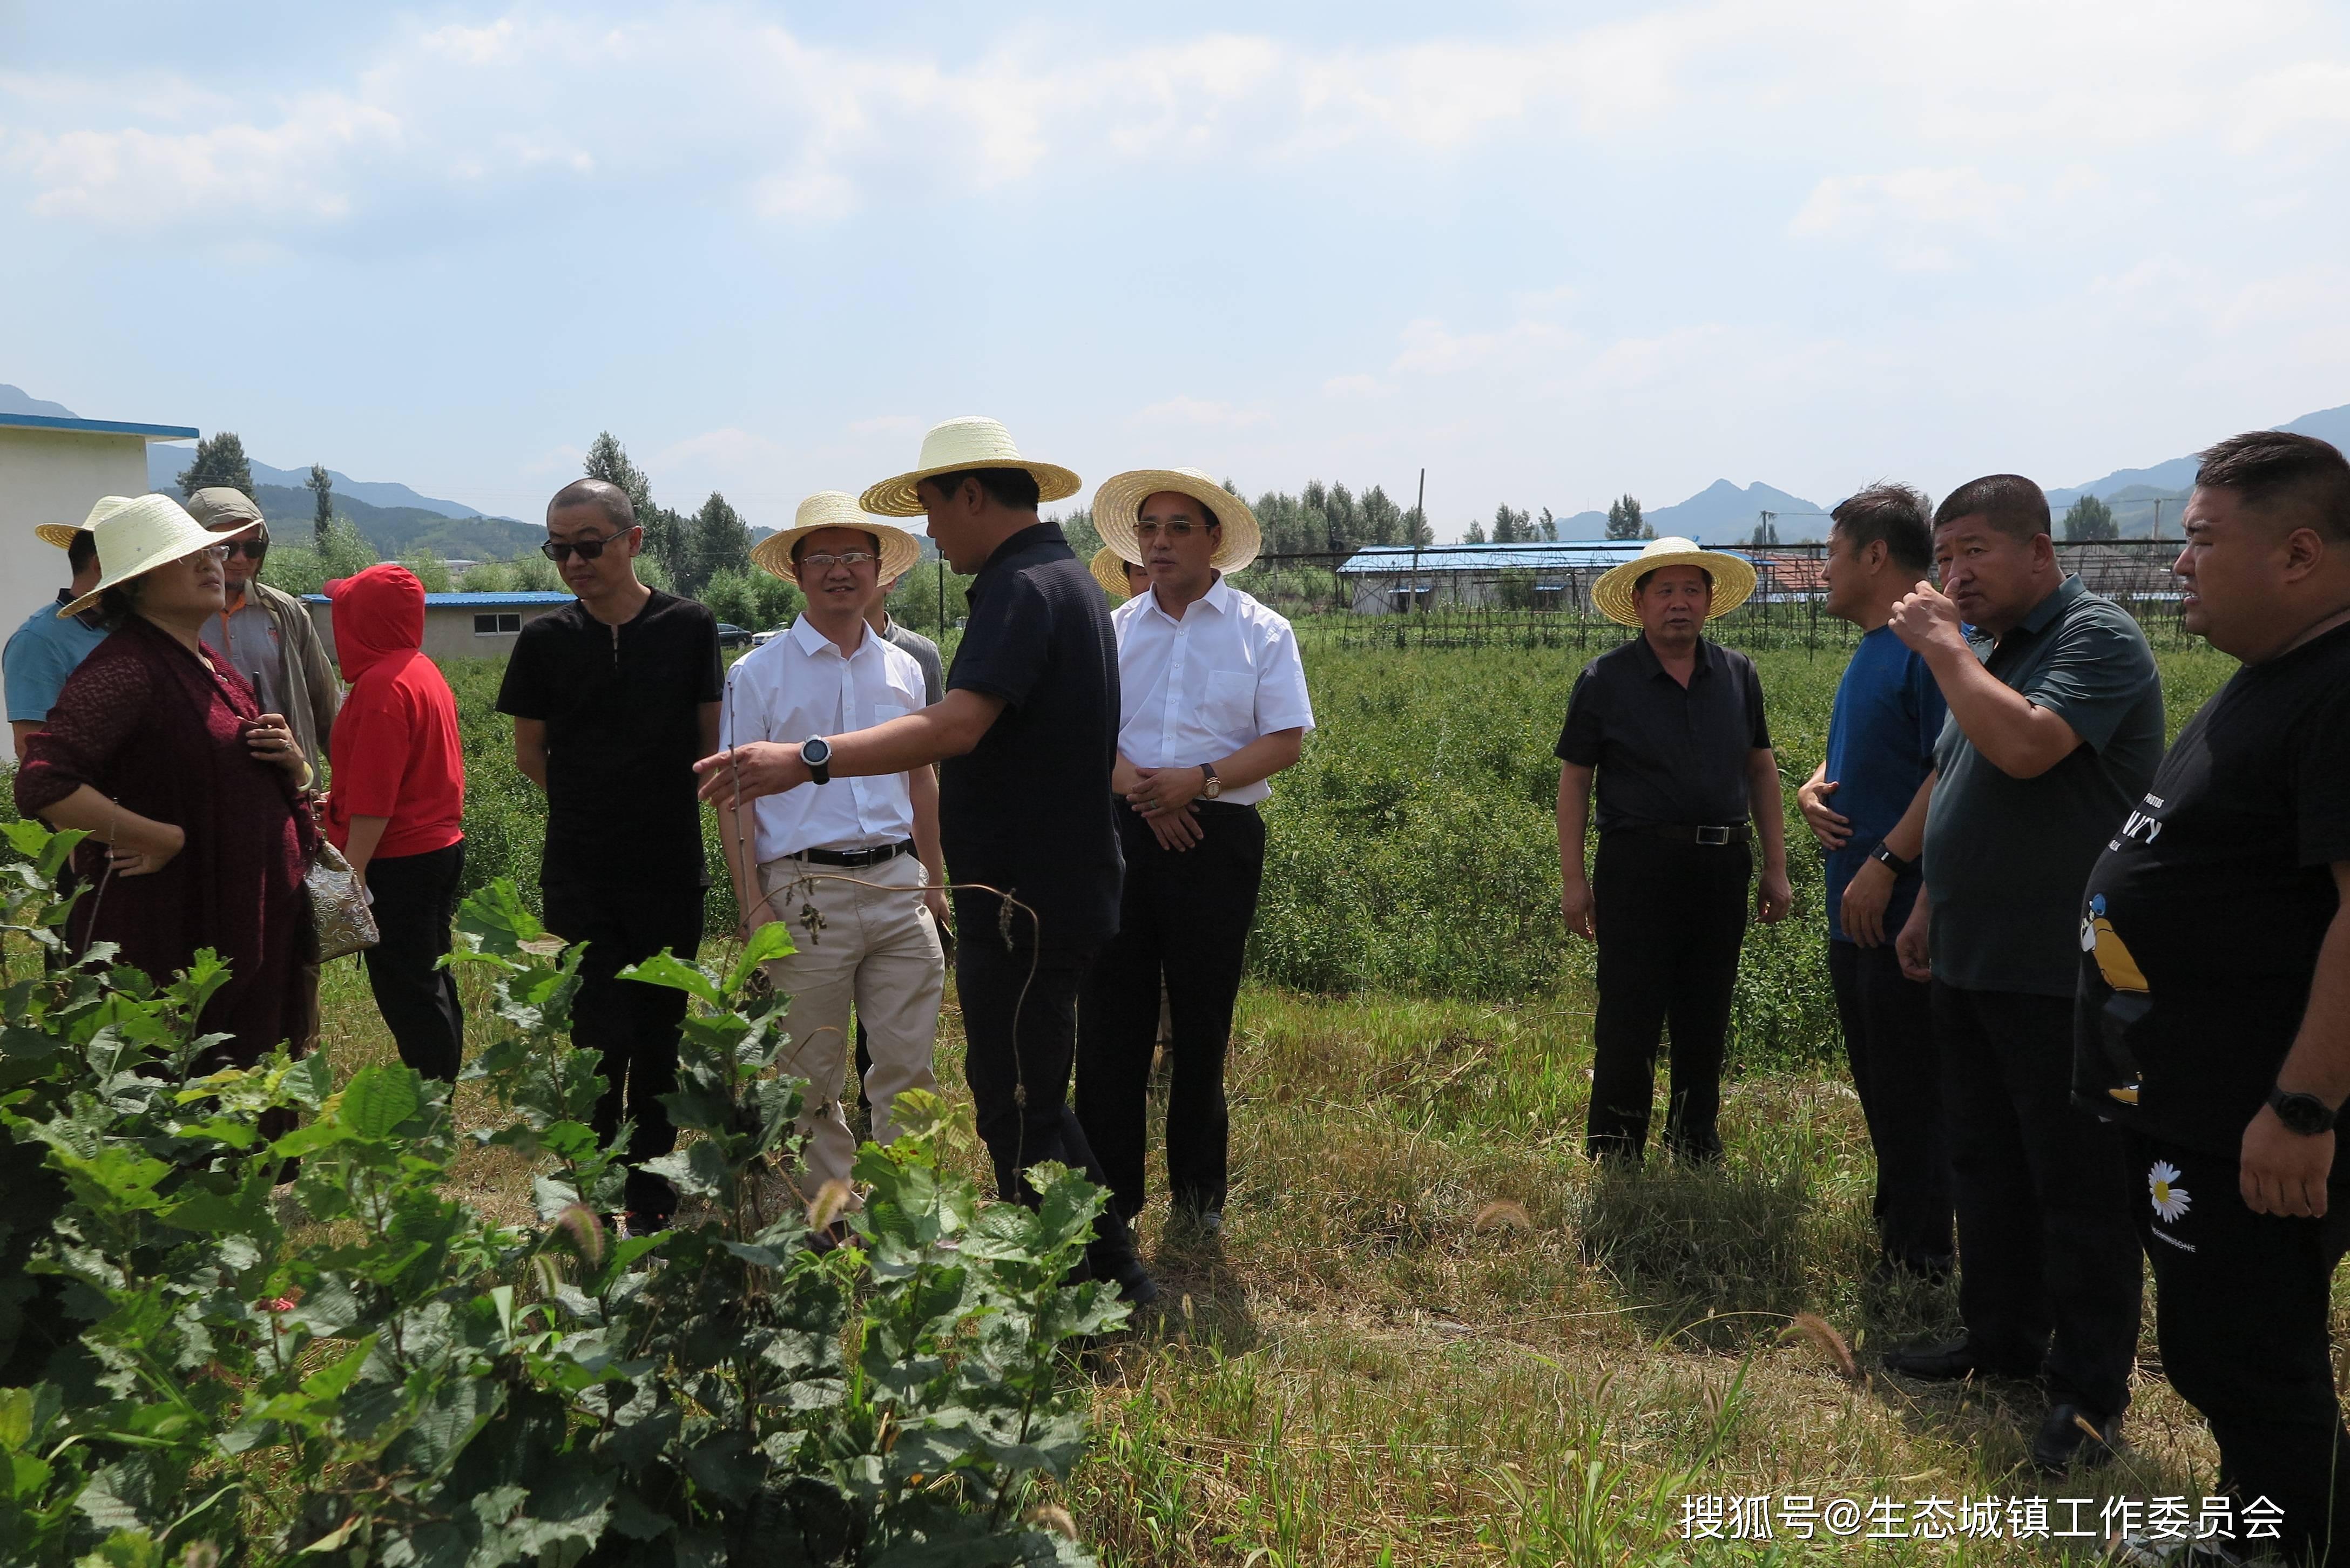 宽城亮甲台调整产业结构    发展林农产业助农增收